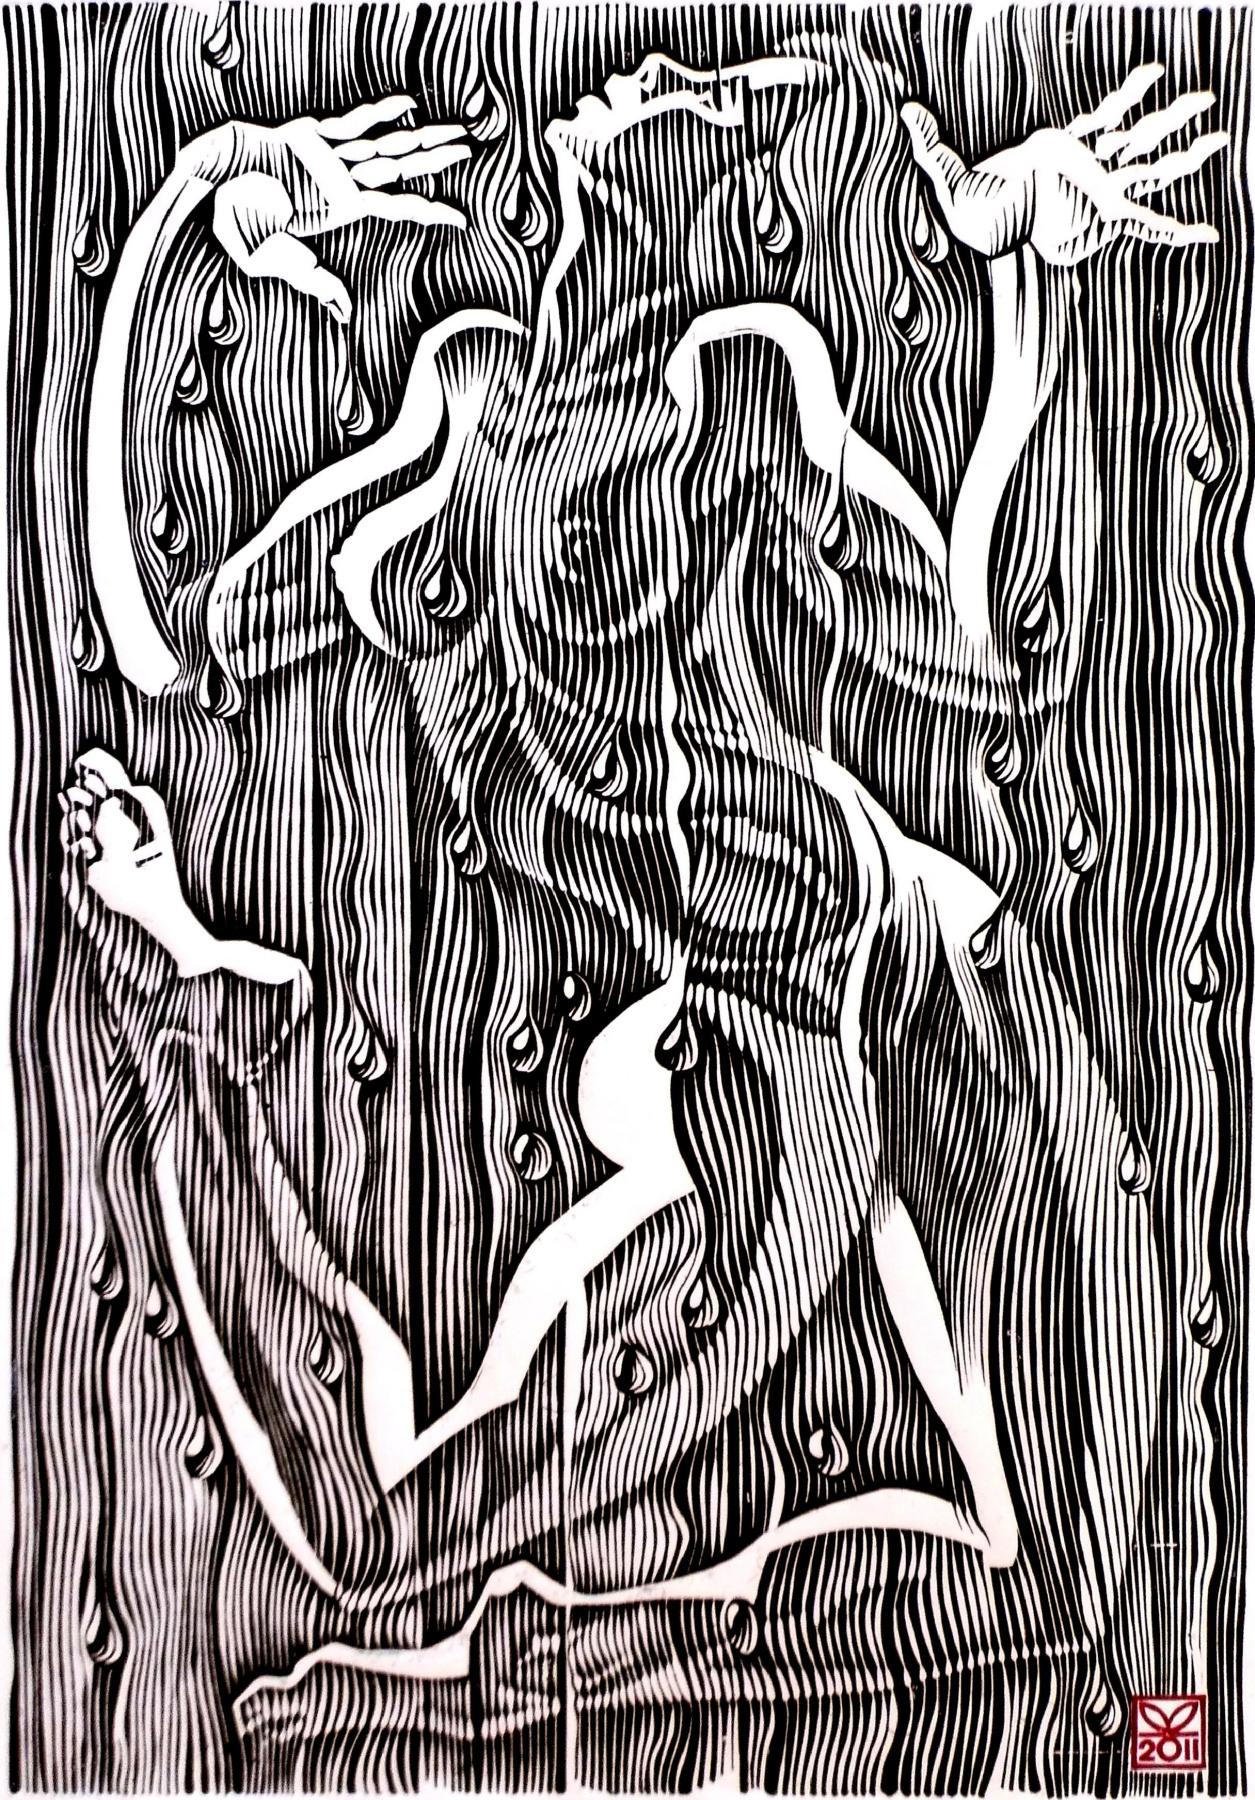 """Vladimir Kataev. """"The dance of summer rain-1"""", linocut, 65Х45, 2011"""